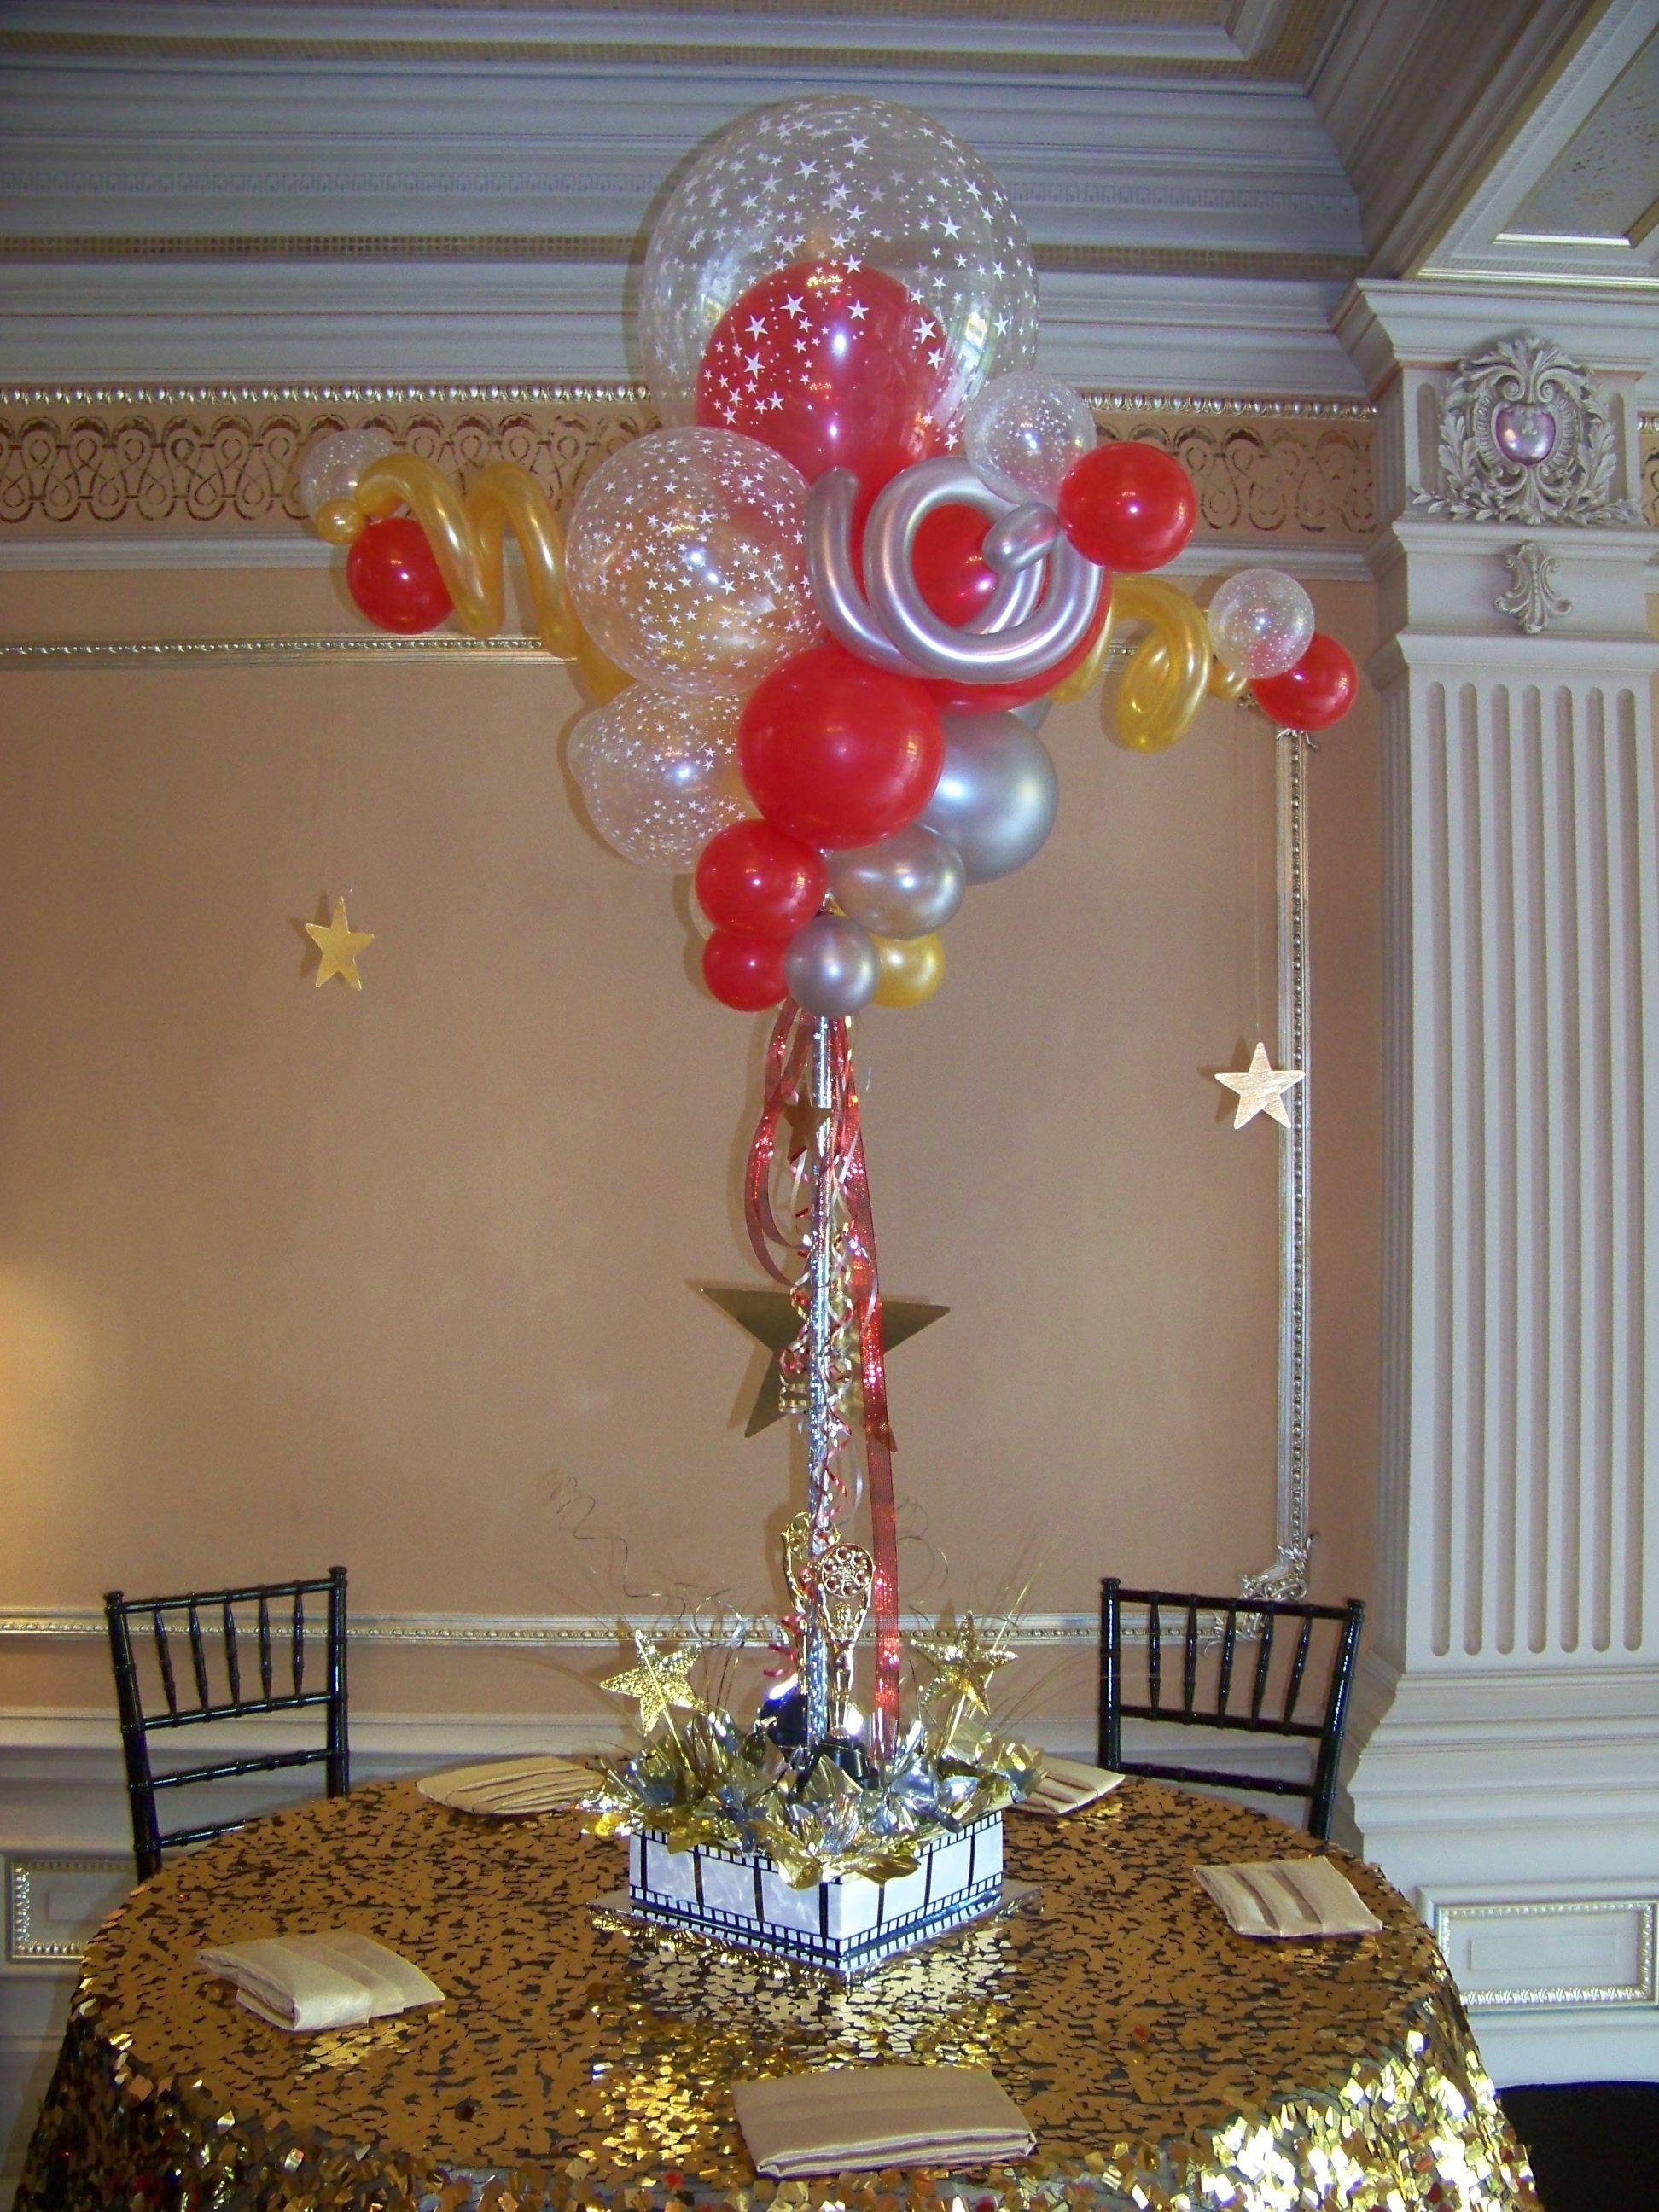 Oscar Centerpieces With Balloons